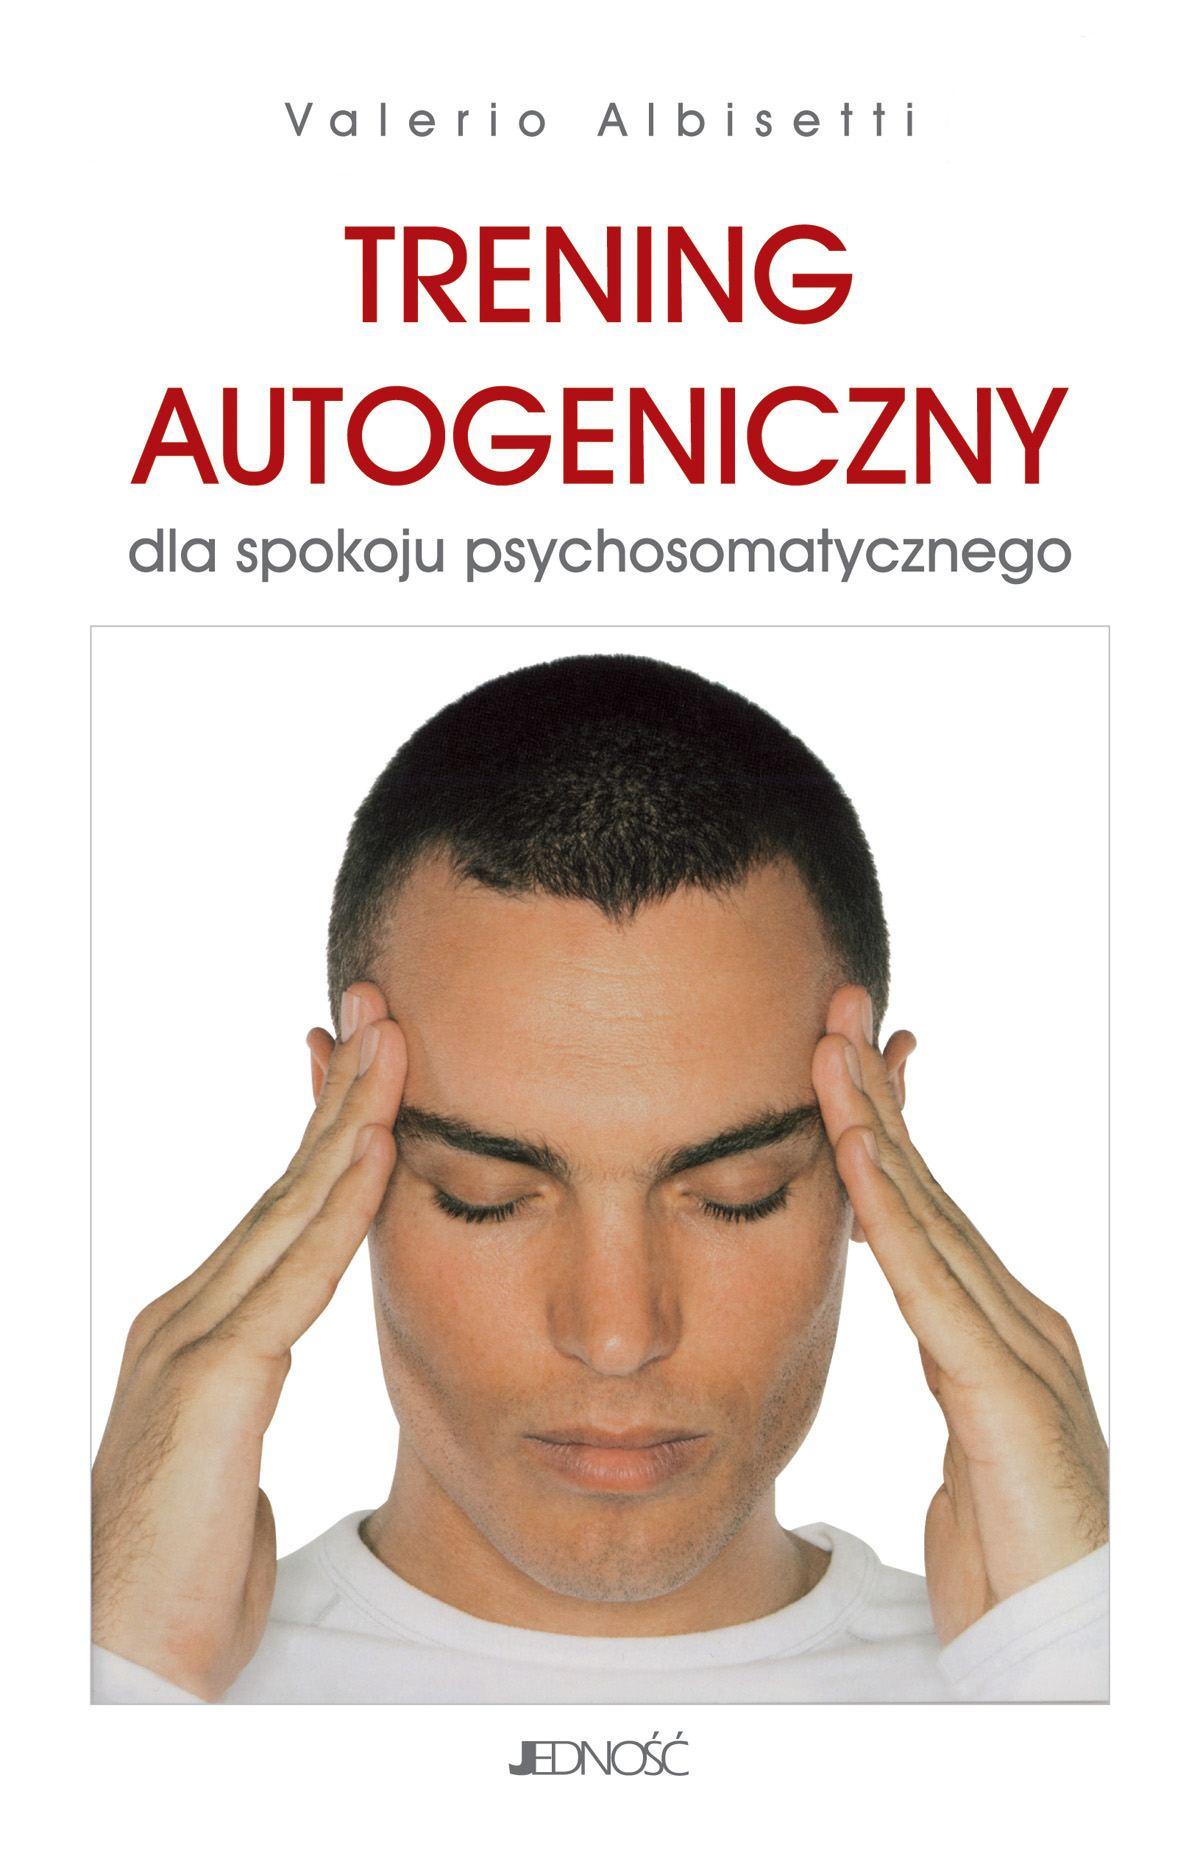 TRENING AUTOGENICZNY dla spokoju psychosomatycznego - Ebook (Książka EPUB) do pobrania w formacie EPUB